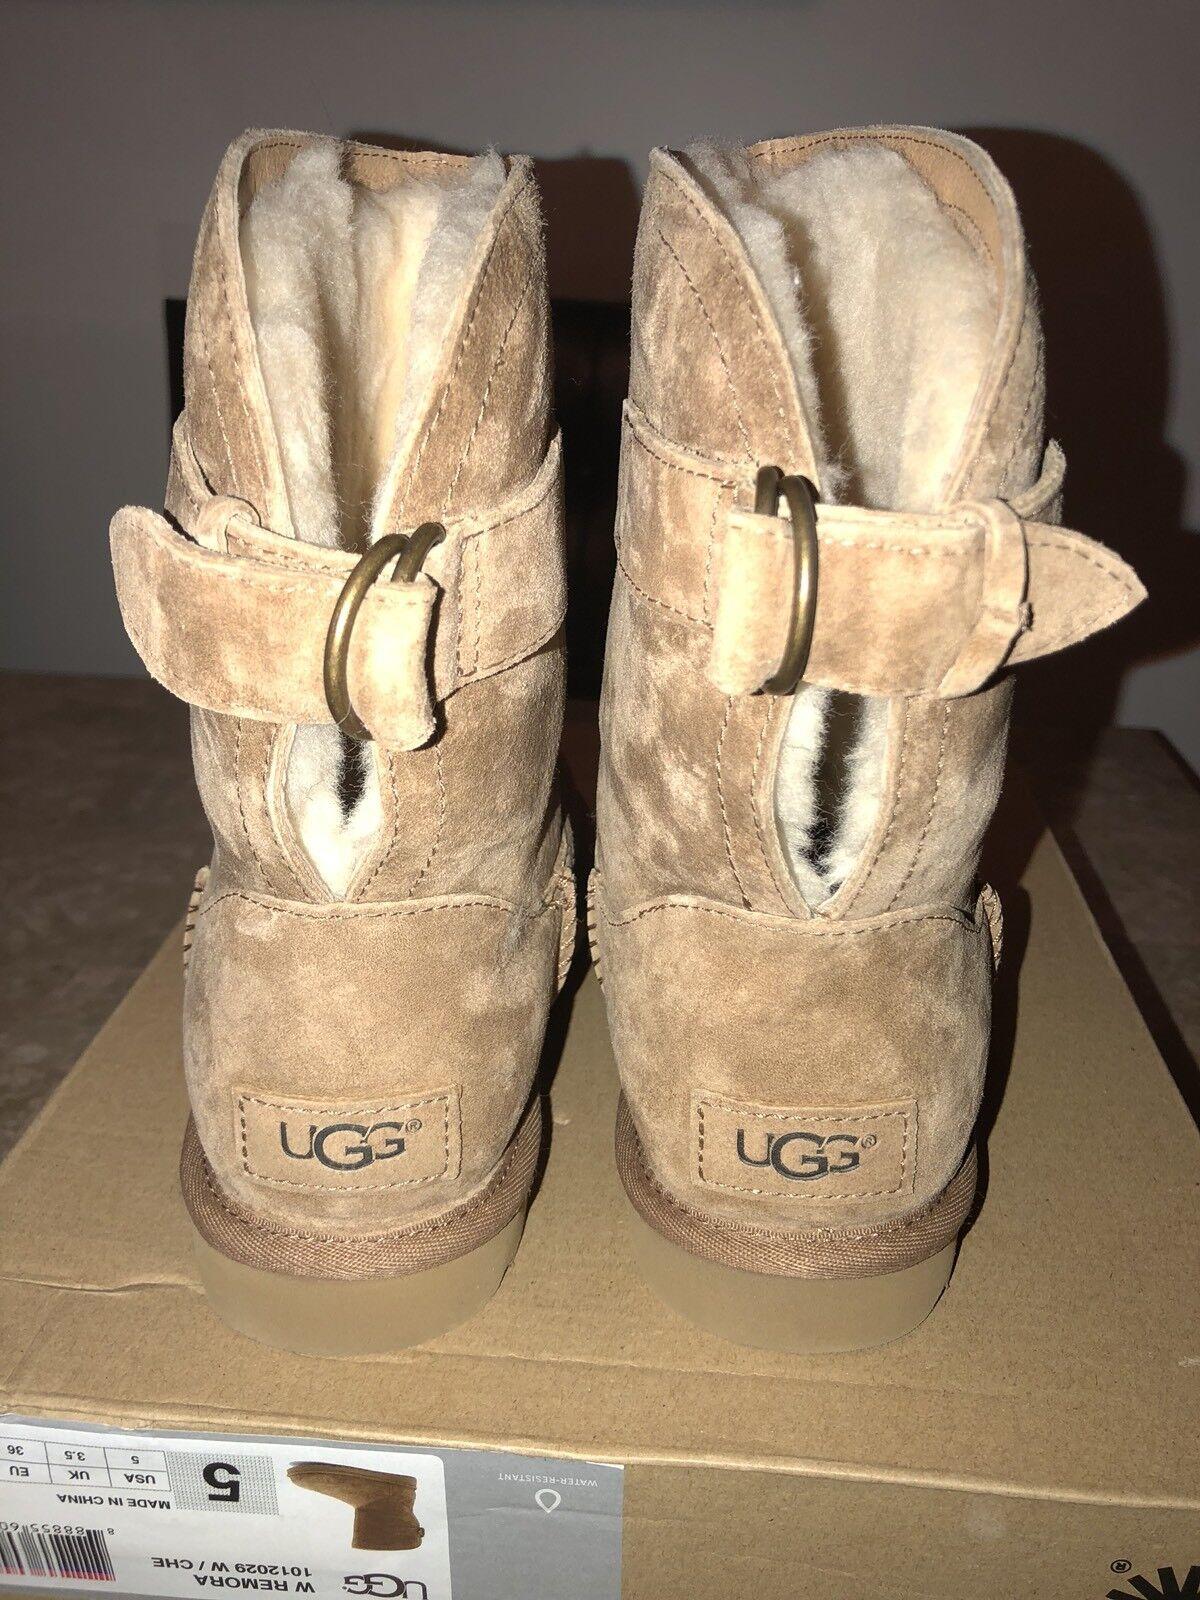 UGG Femmes Remora Boucle Taille 5 Laine Marron Résistant À L eau WinteBoots Chaussures New